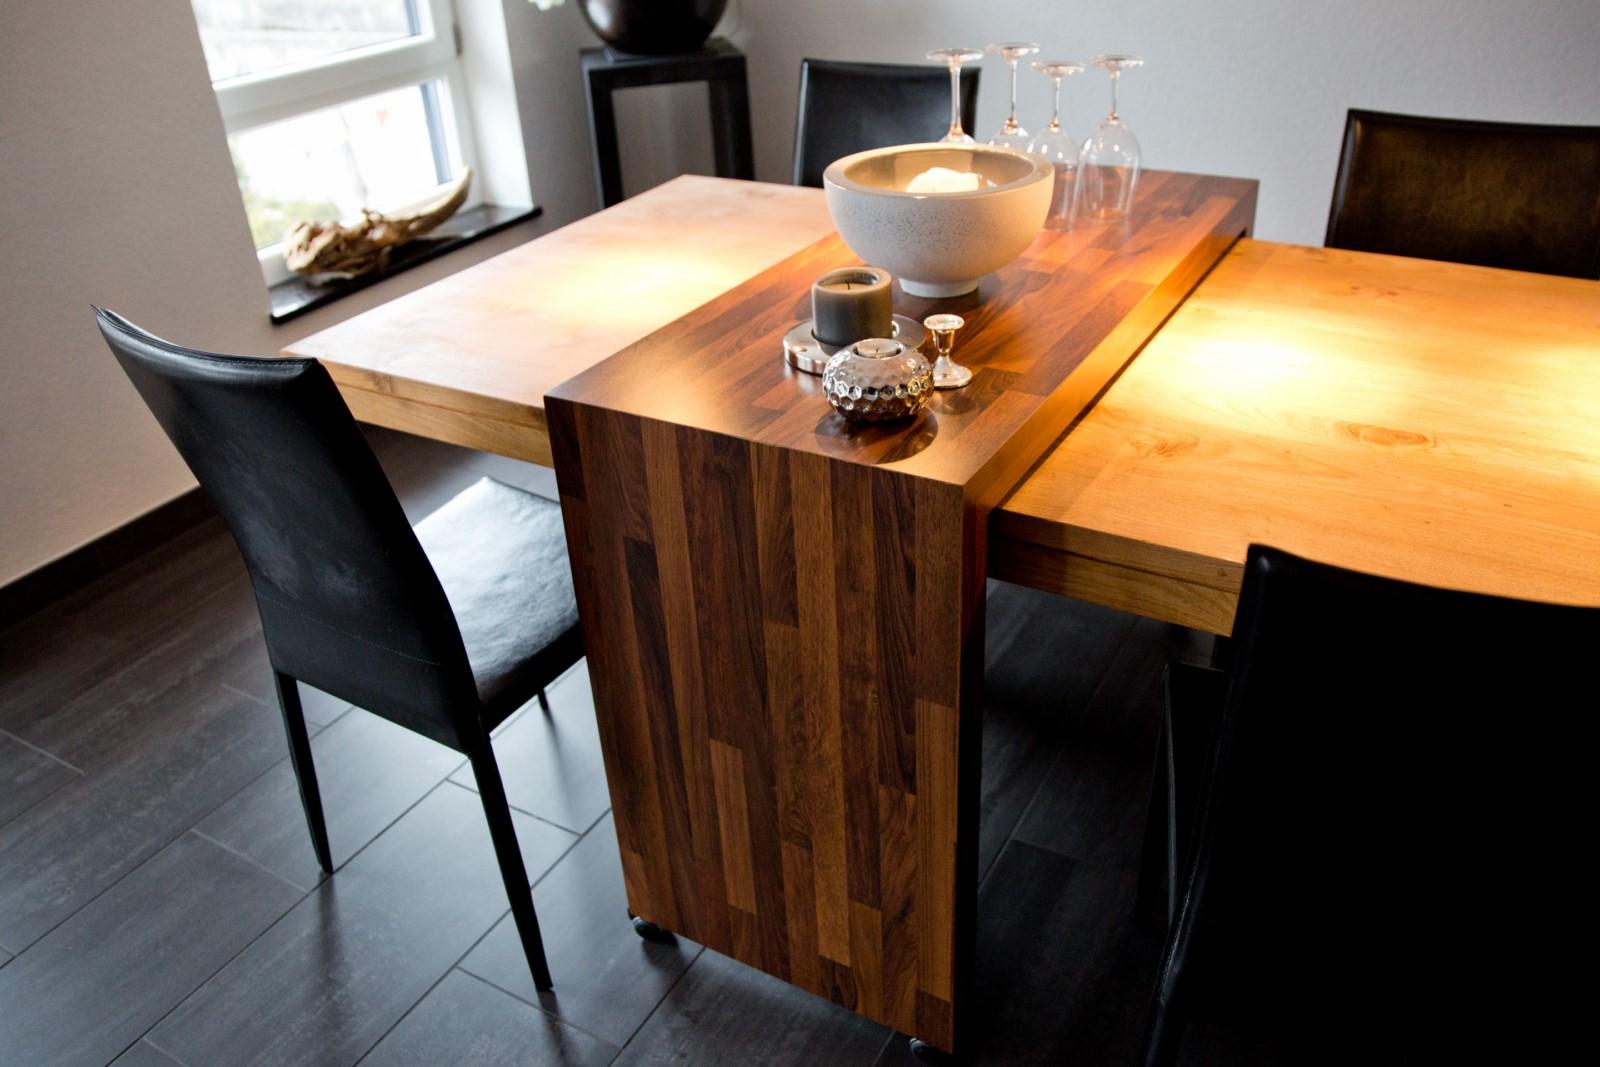 sonderanfertigungen schreinerei stritt. Black Bedroom Furniture Sets. Home Design Ideas